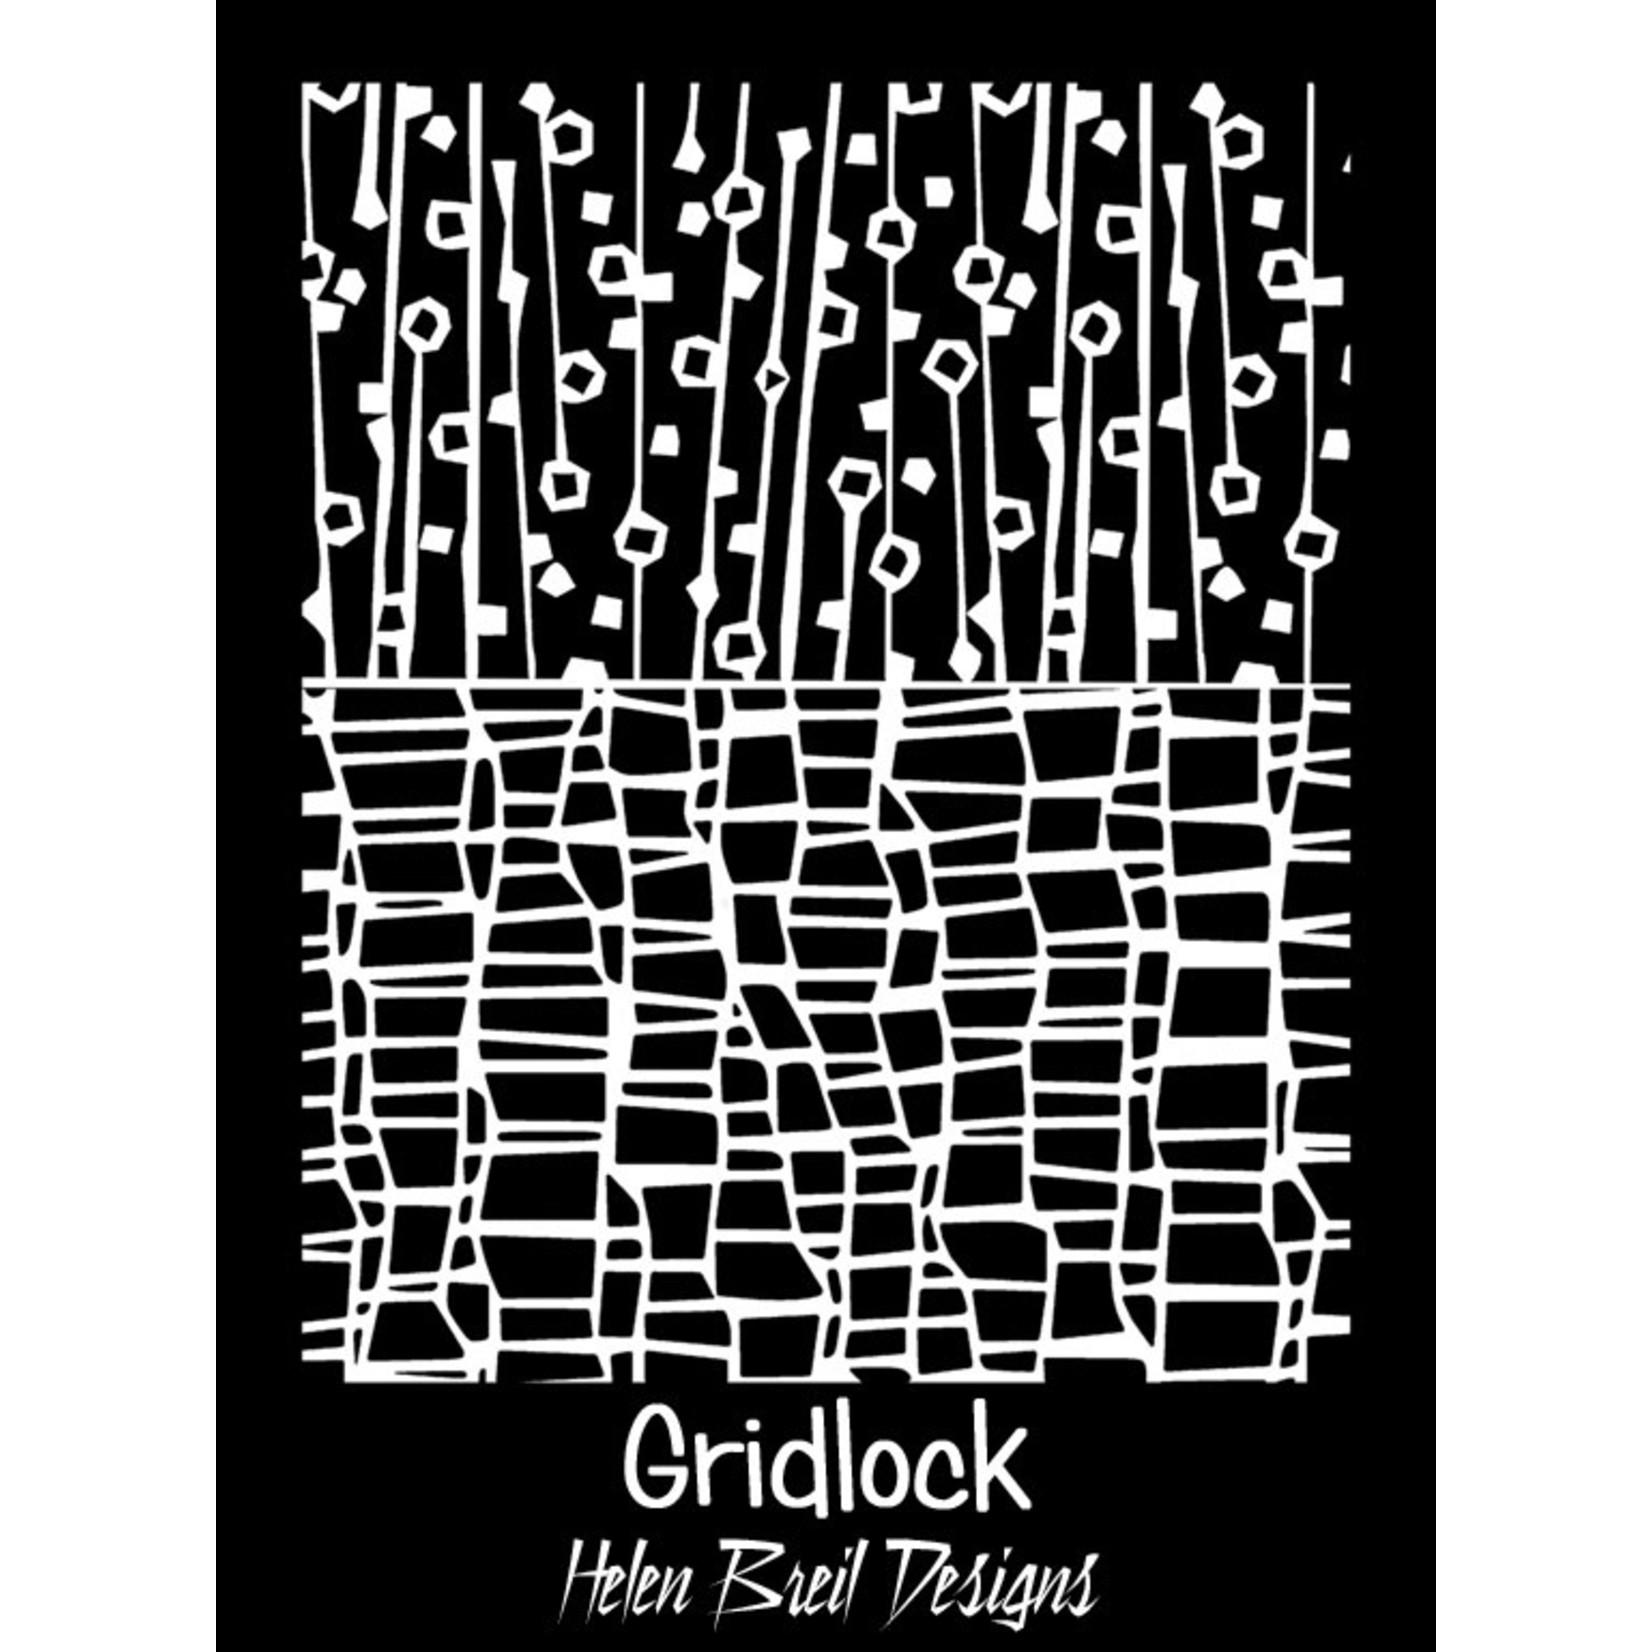 Helen Breil Texture Sheet: Gridlock